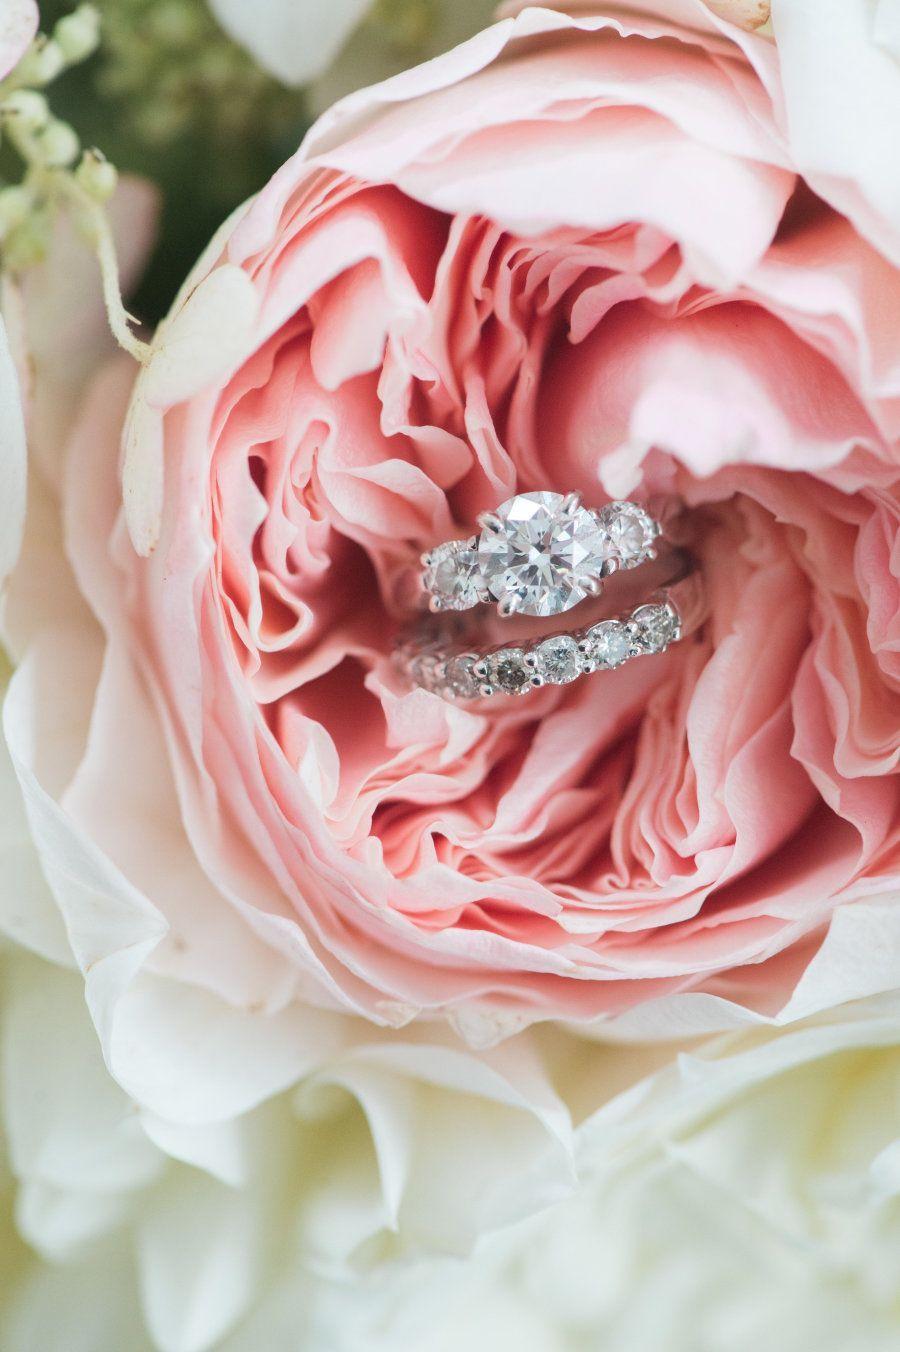 Auswahl Ihrer Hochzeit Fotograf - Hochzeit Fotografie Stile erklärt #diamondrings